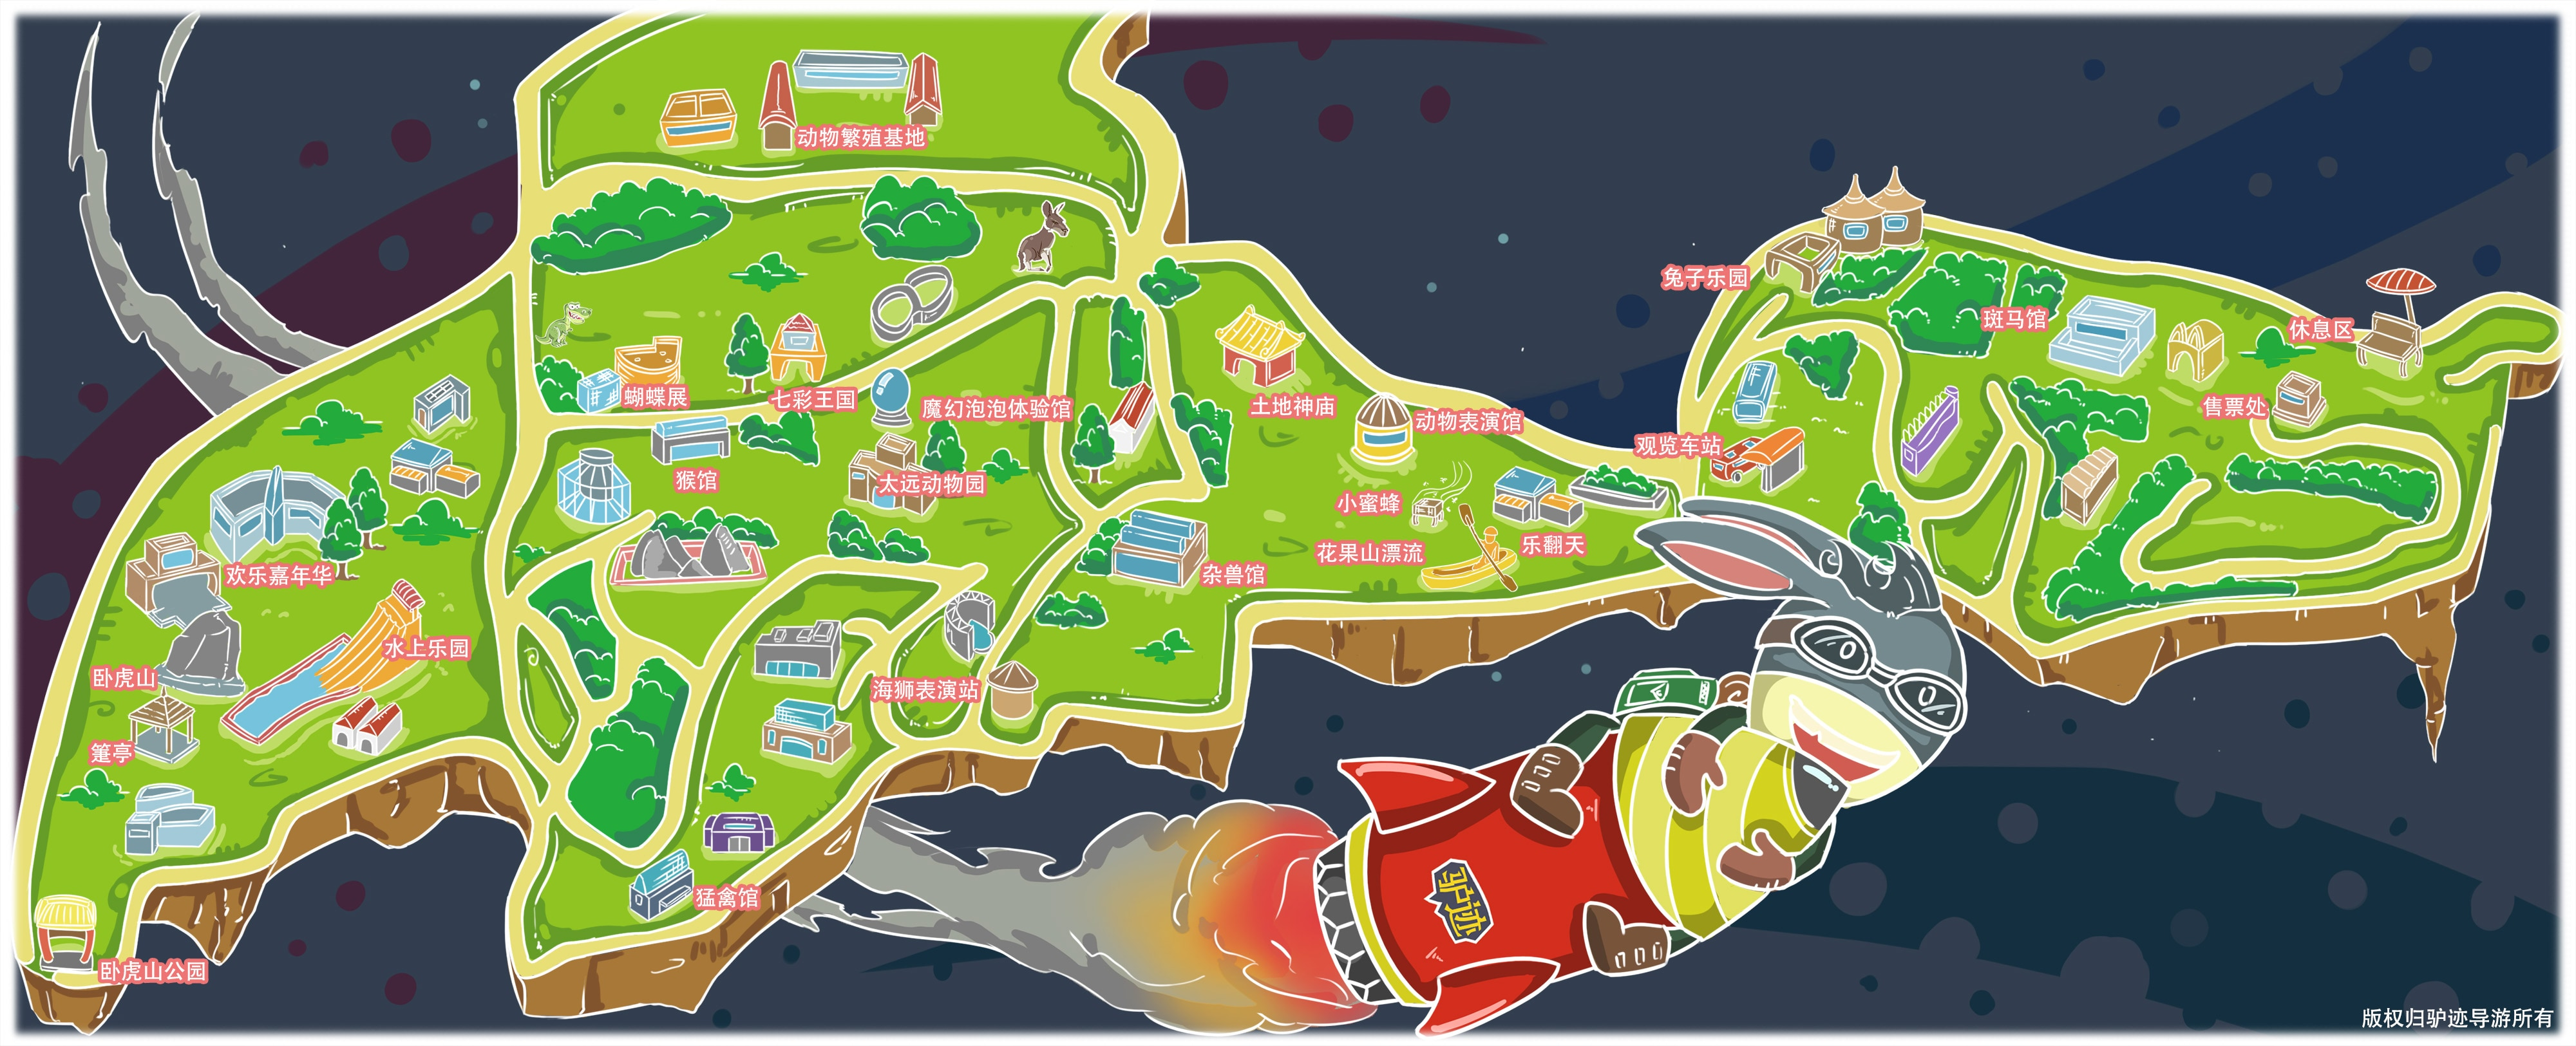 太原动物园手机导游【全景地图,园内导航,线路推荐,自动讲解】